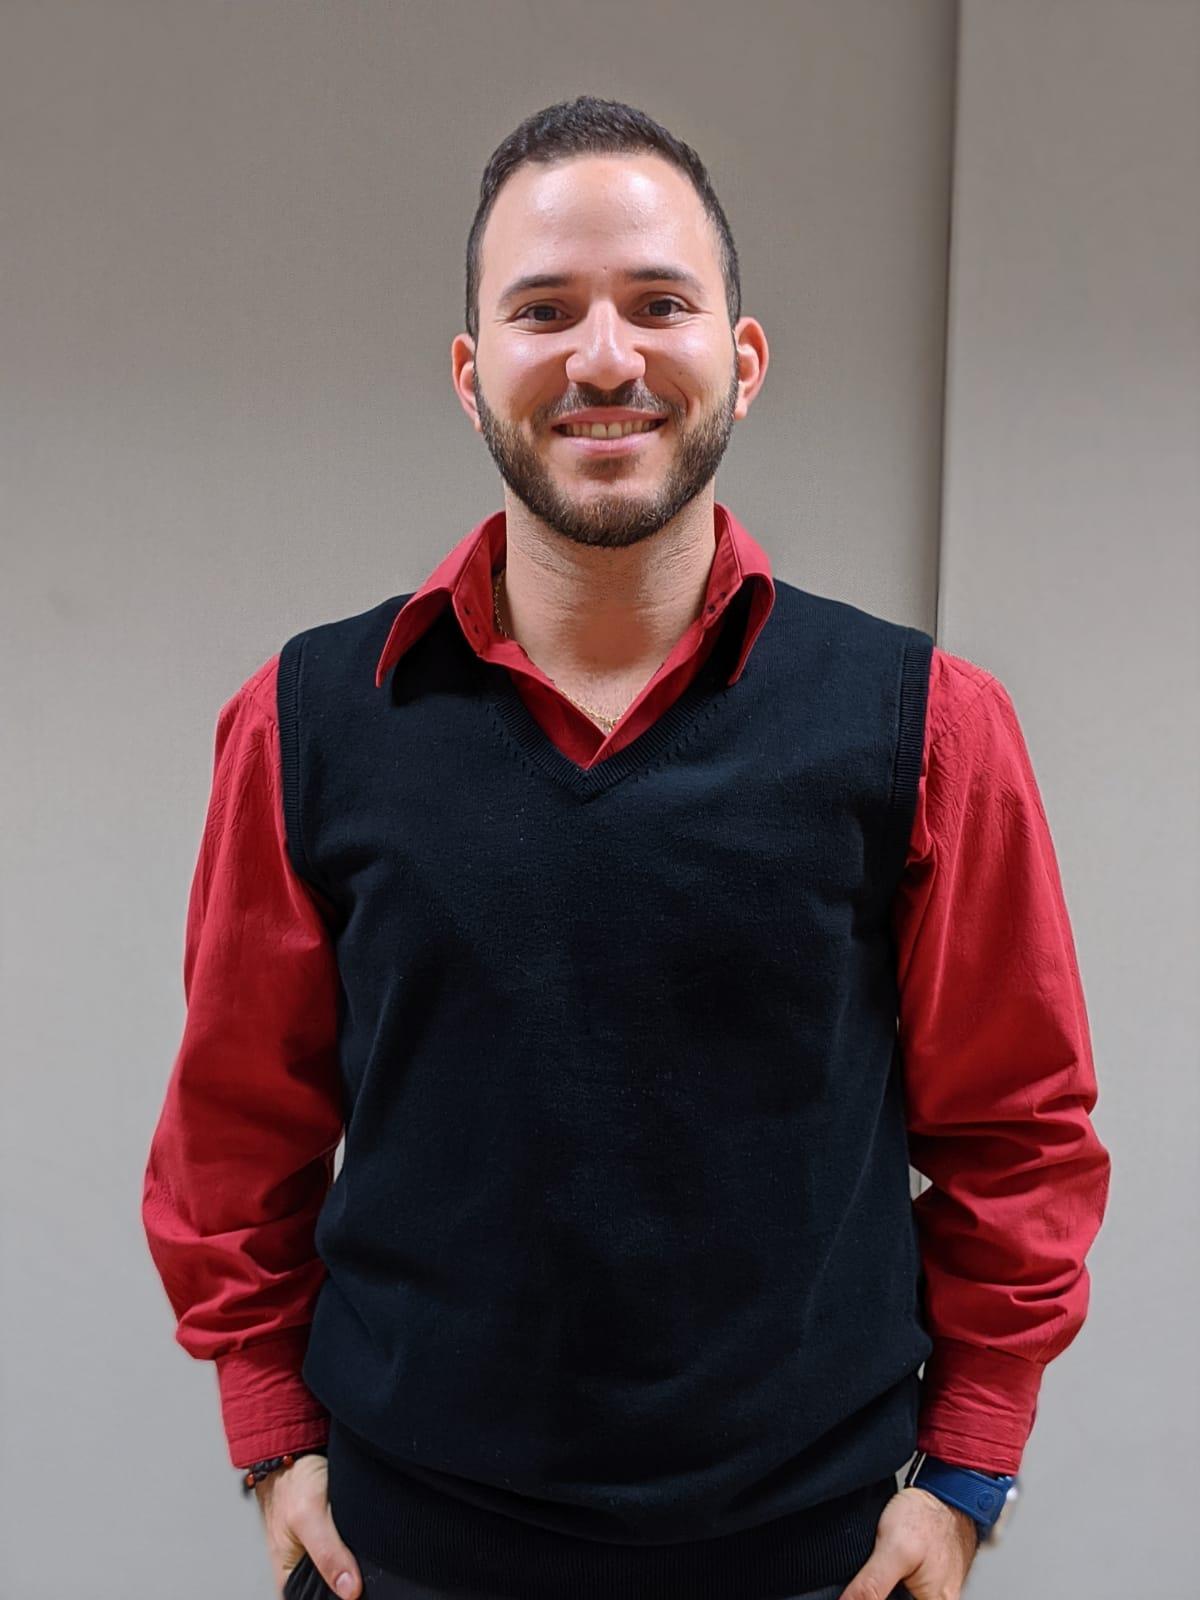 Paul El HAJJ